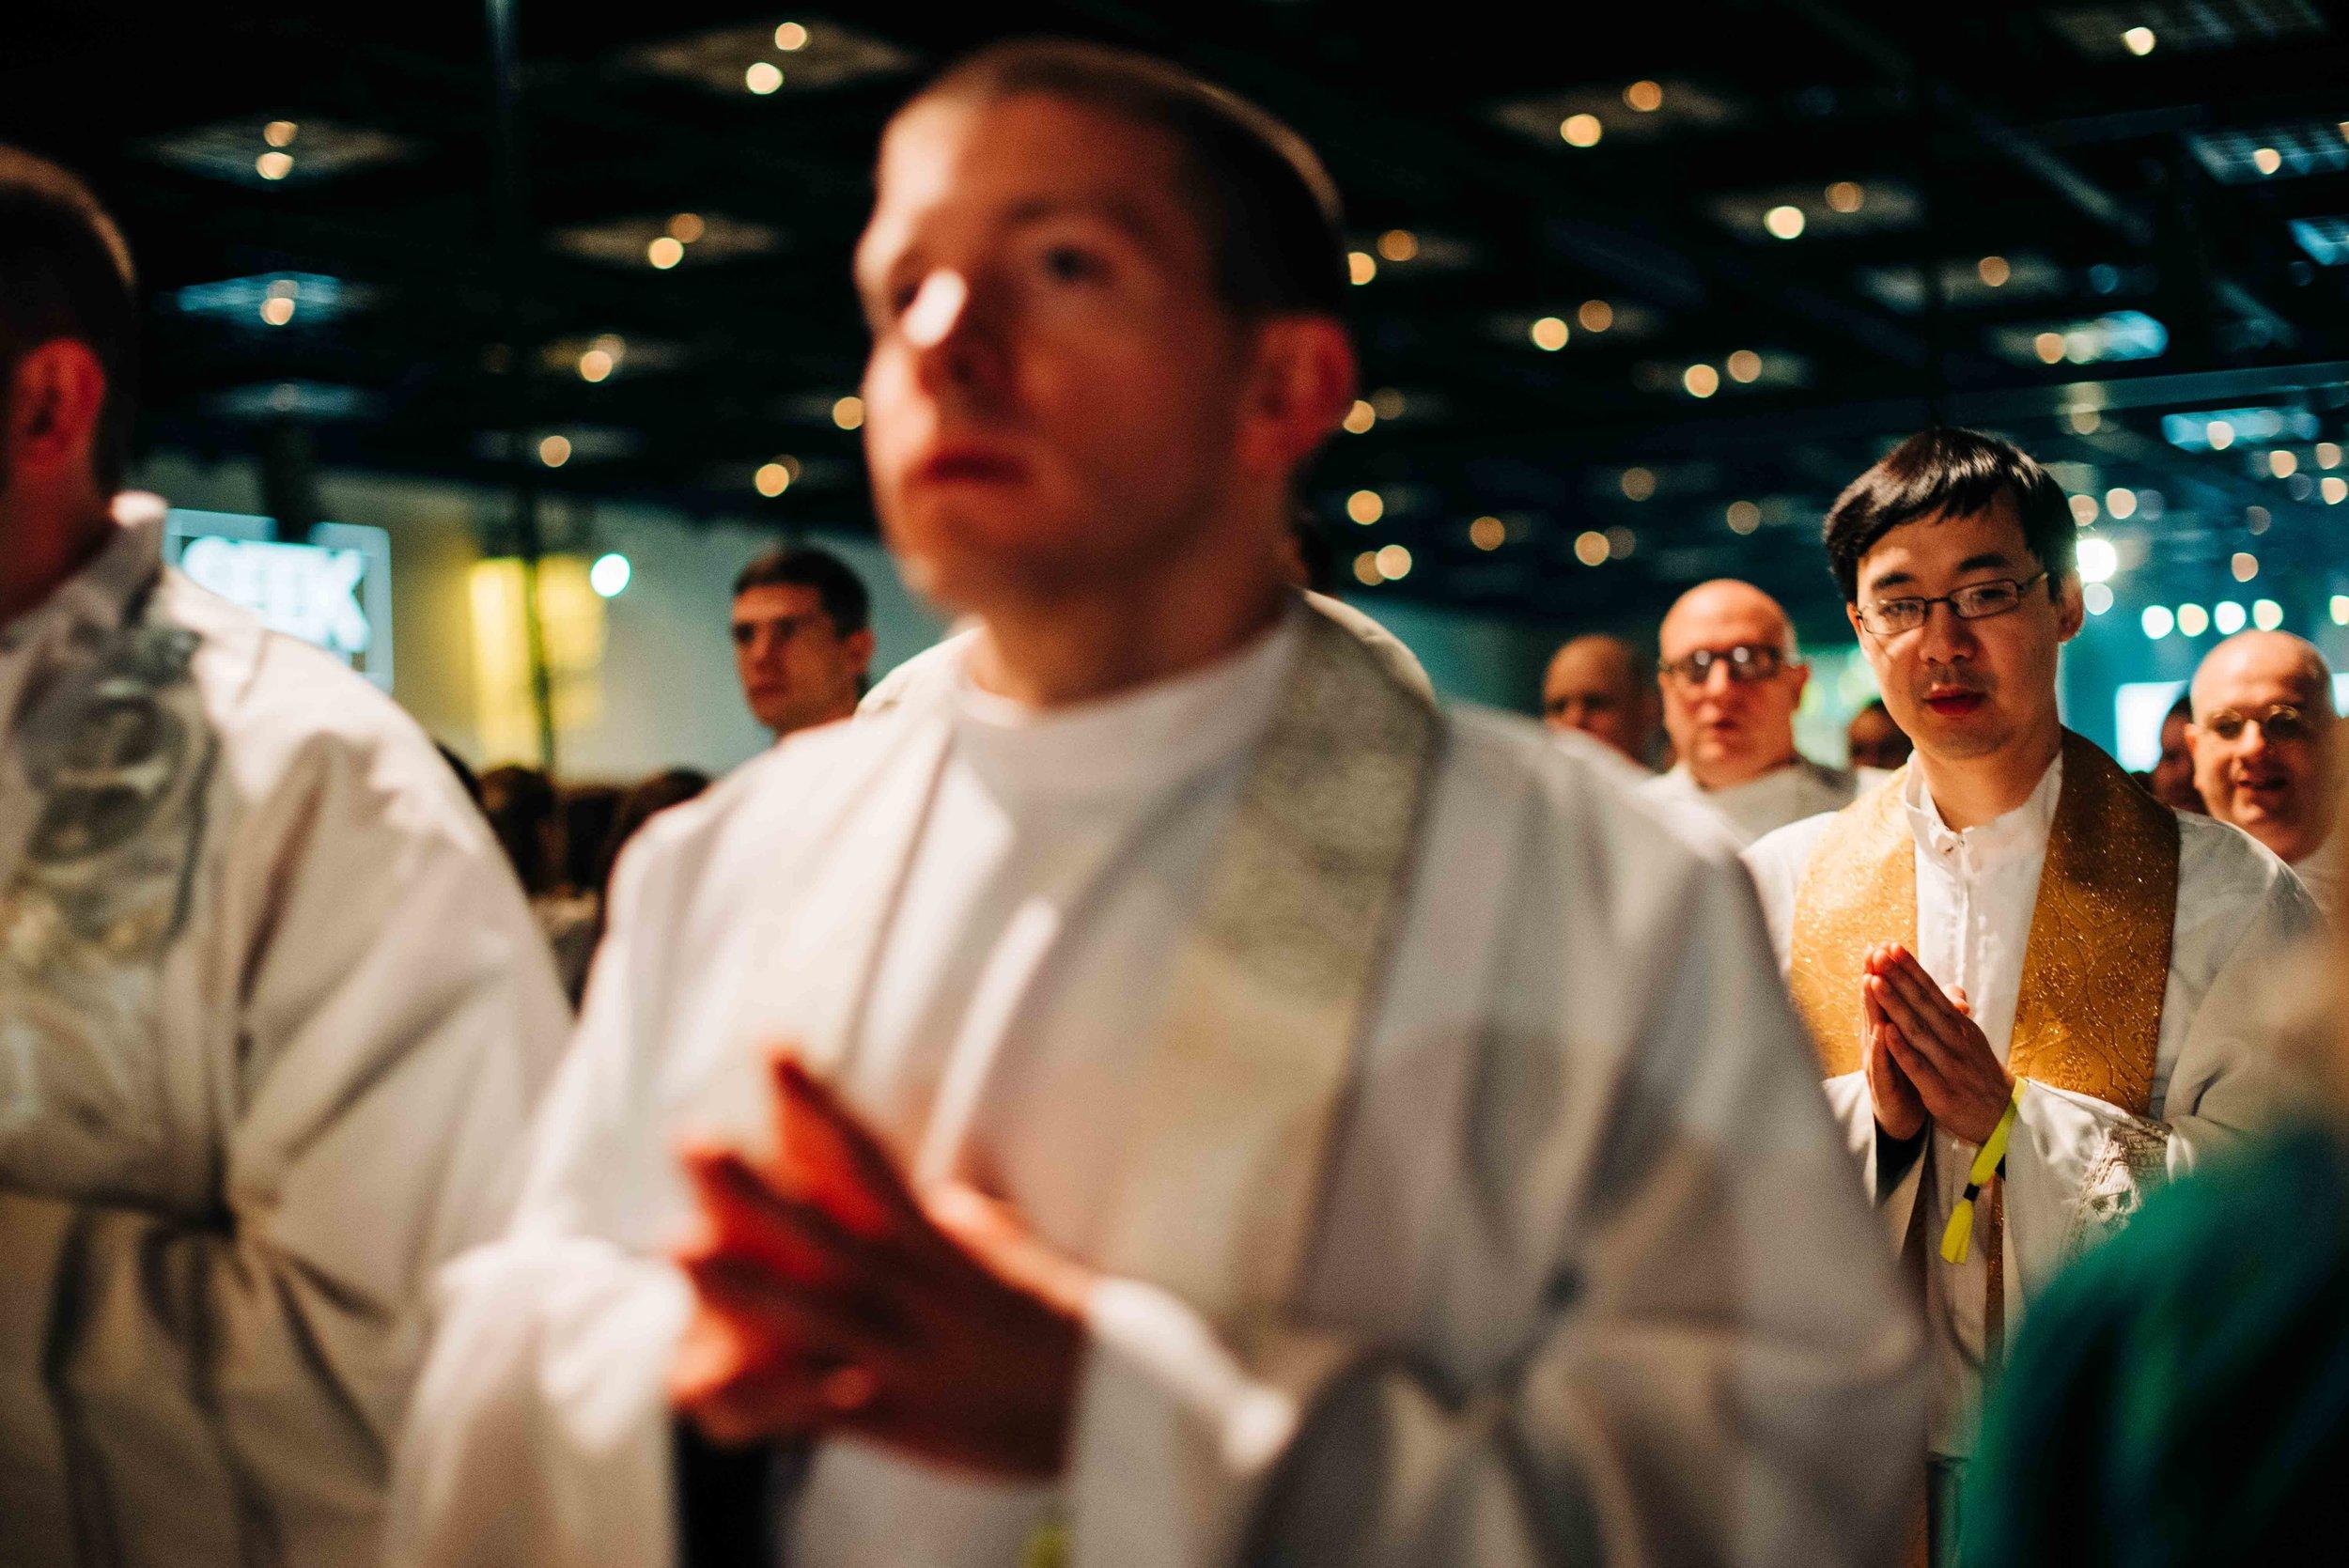 seek2019_12_christypena.jpg